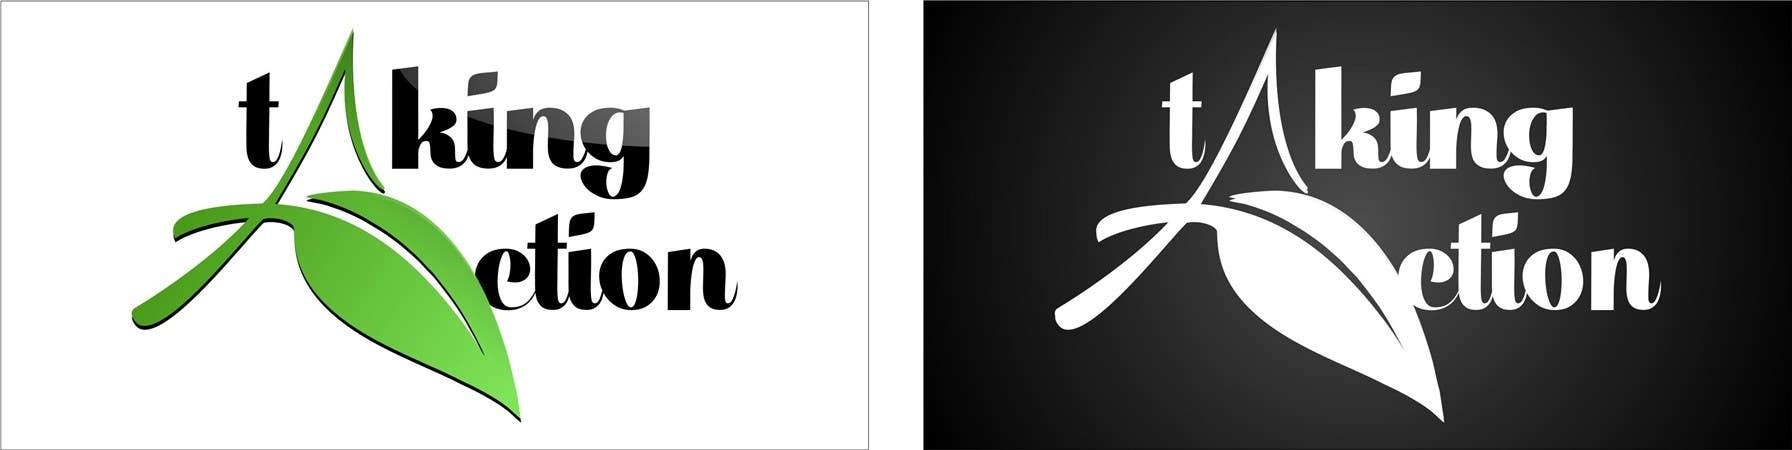 Penyertaan Peraduan #24 untuk Design a Logo for Taking